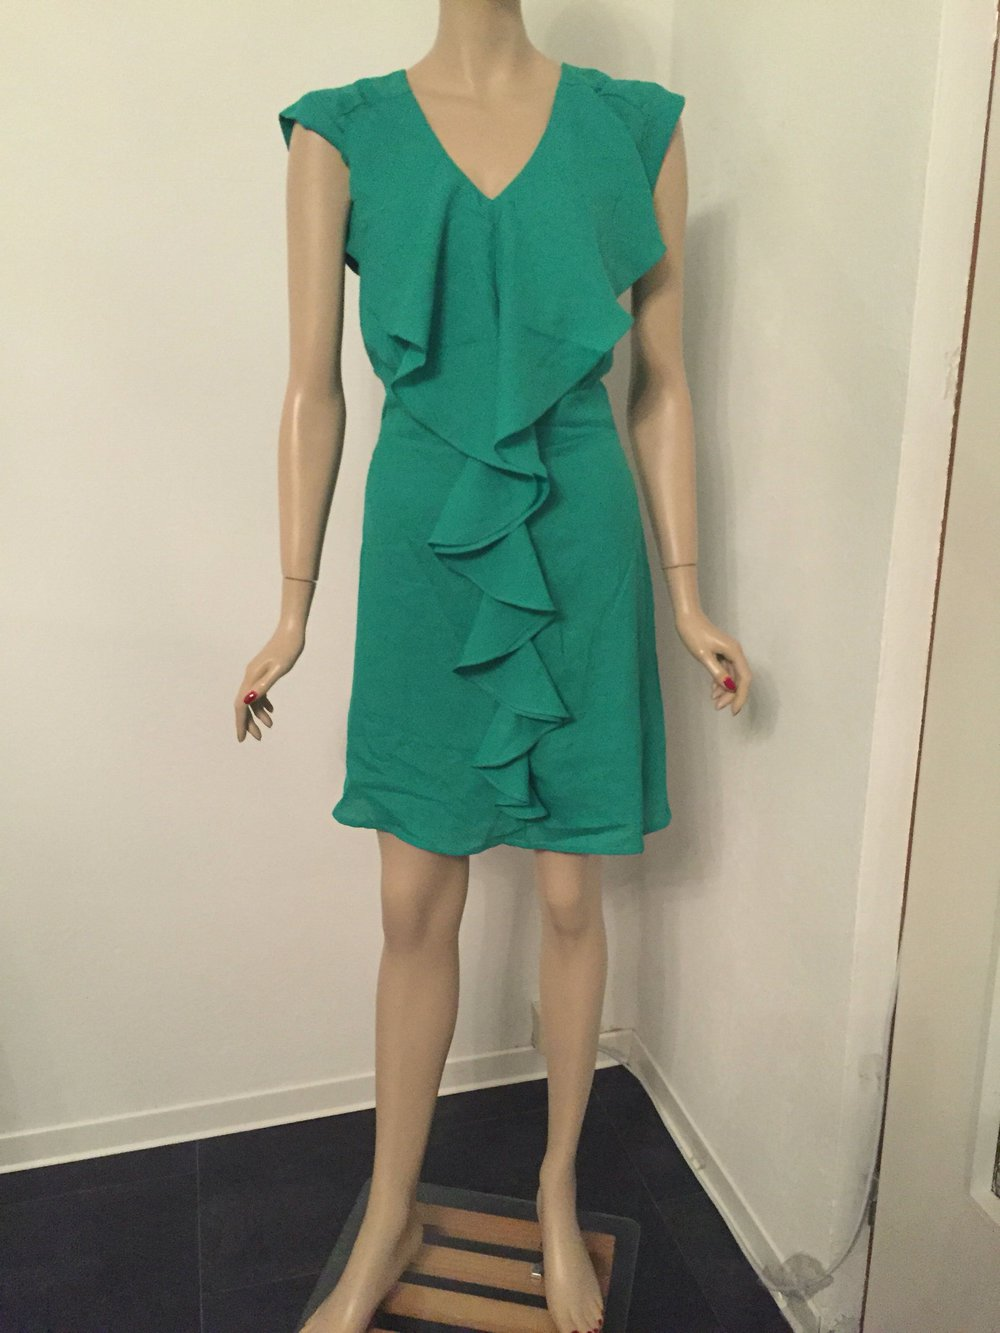 a12293cf084c5d Abendkleid Cocktailkleid Sommerkleid Hochzeitskleid neu grün ...